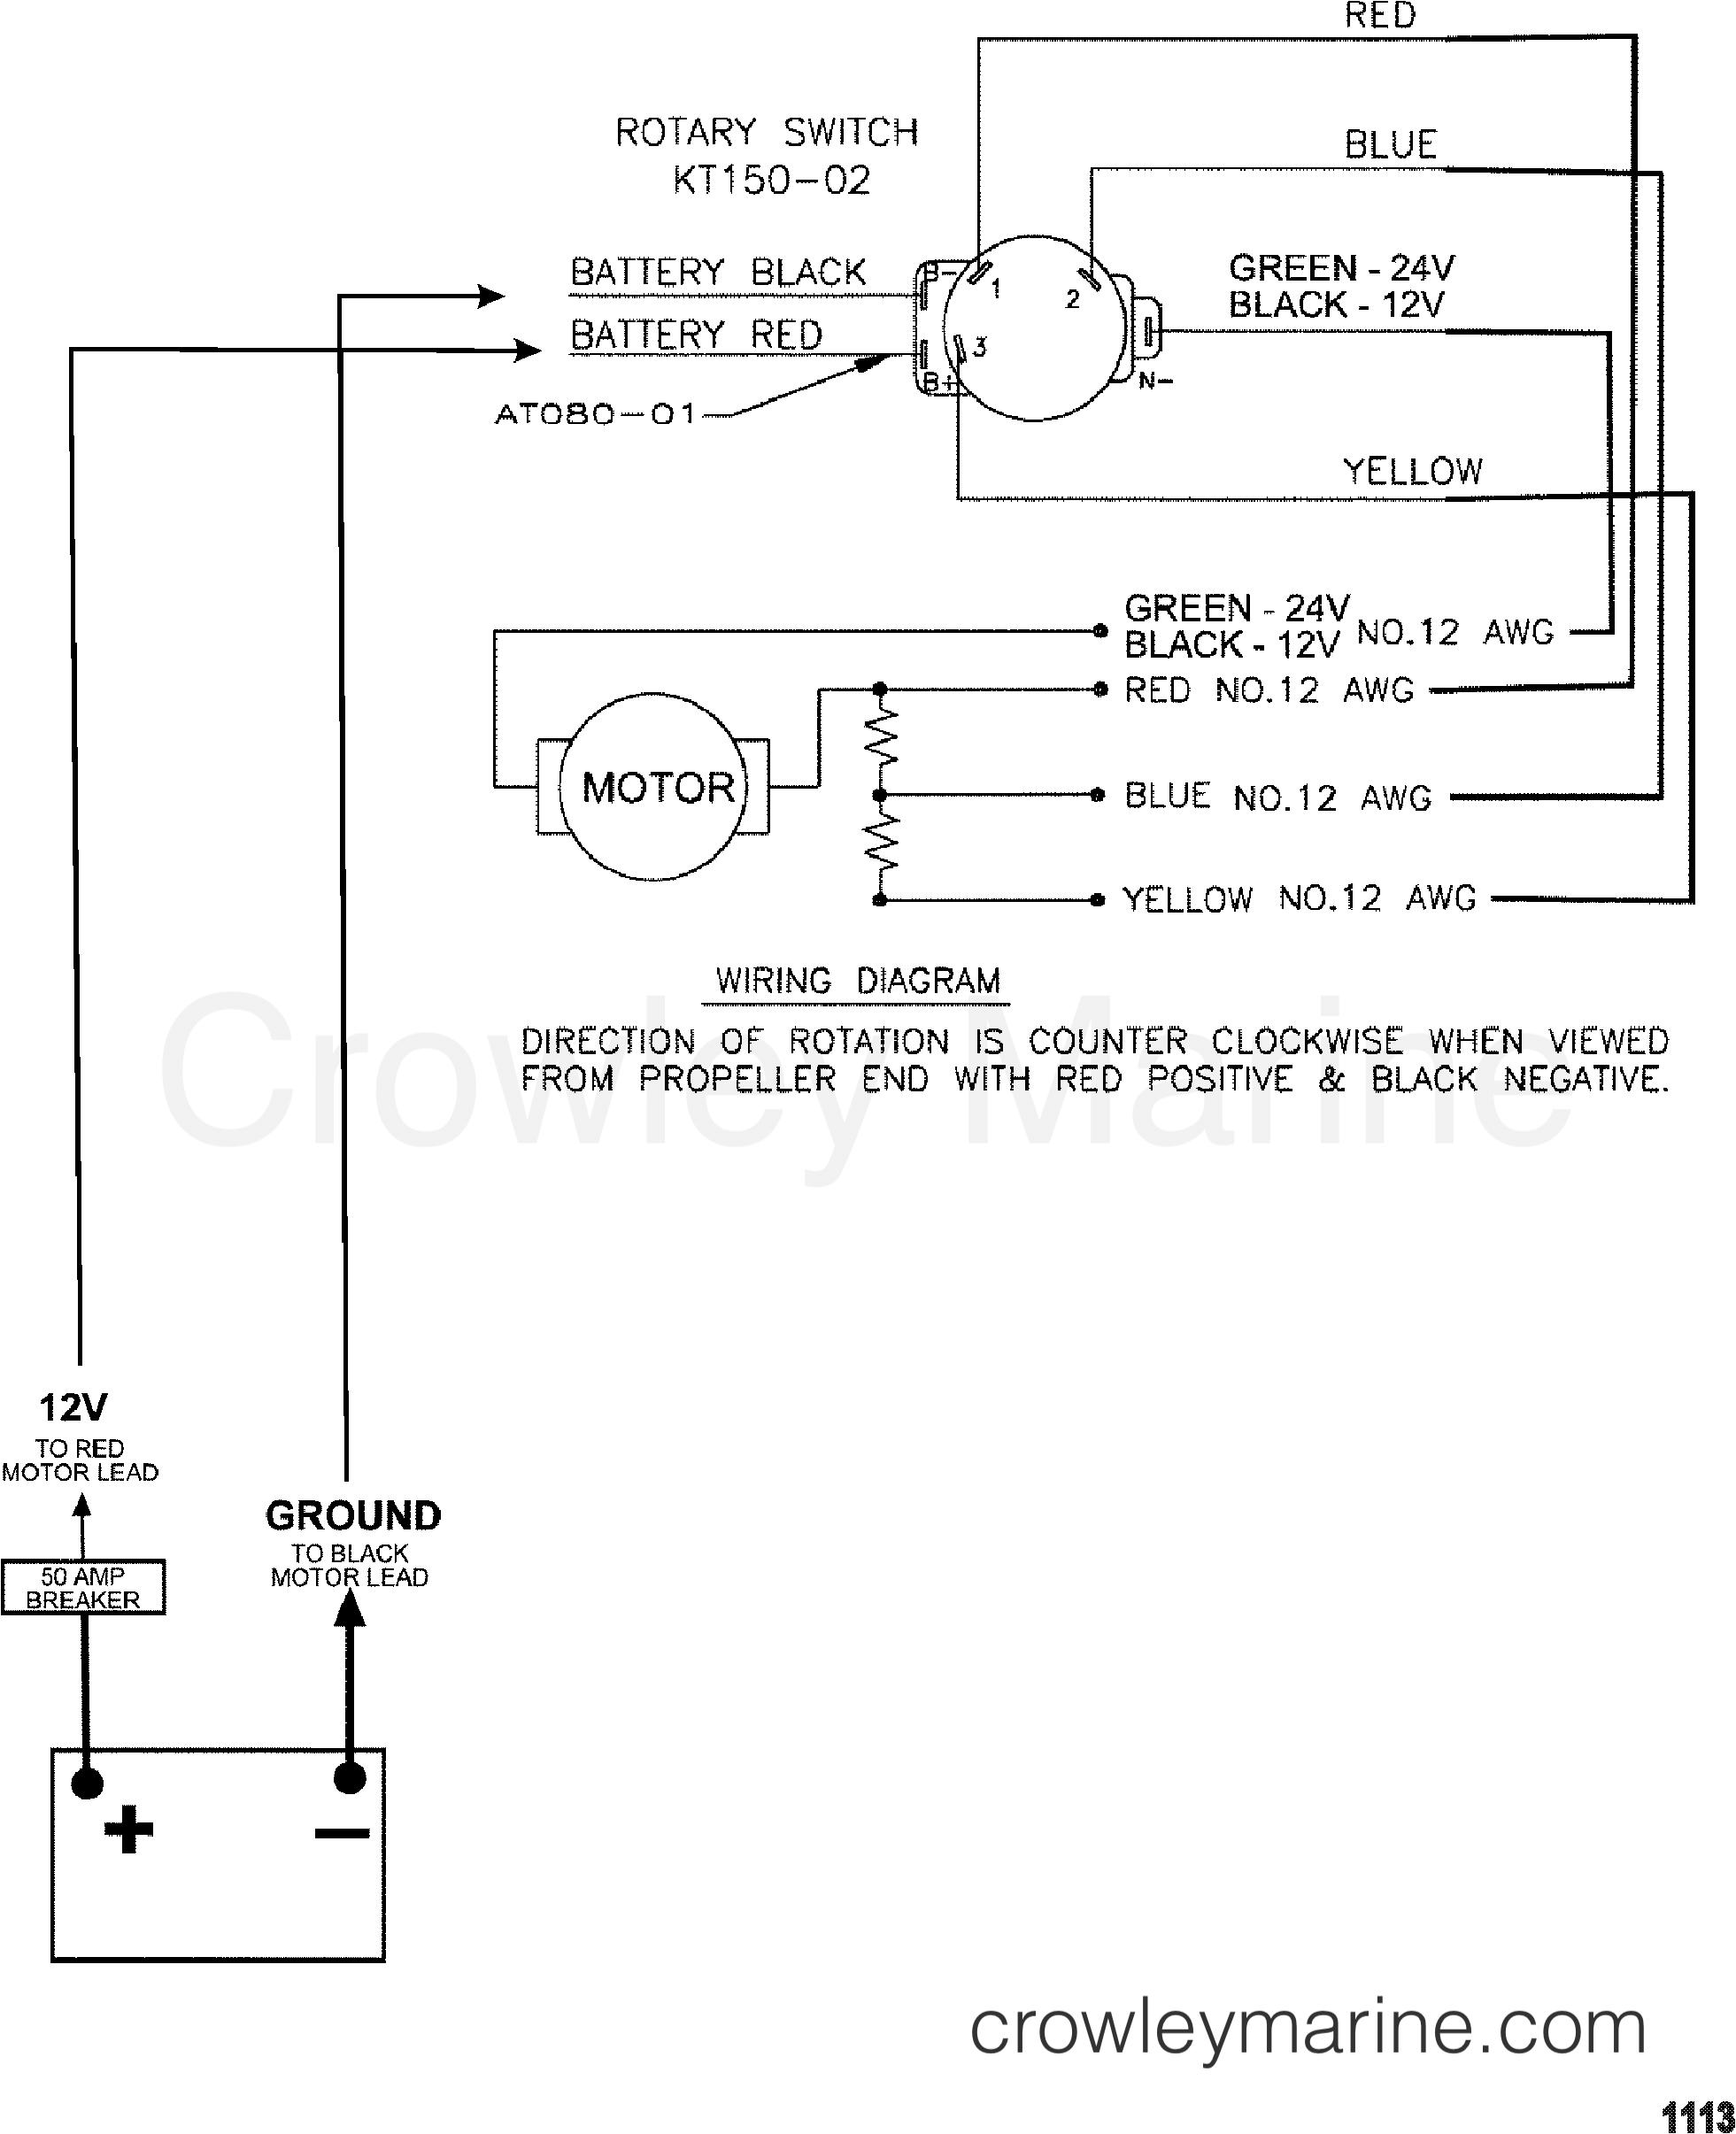 2000 MotorGuide 12V [MOTORGUIDE] - 9EF54BJW1 - WIRE DIAGRAM(MODEL ET30) (12 VOLT) section